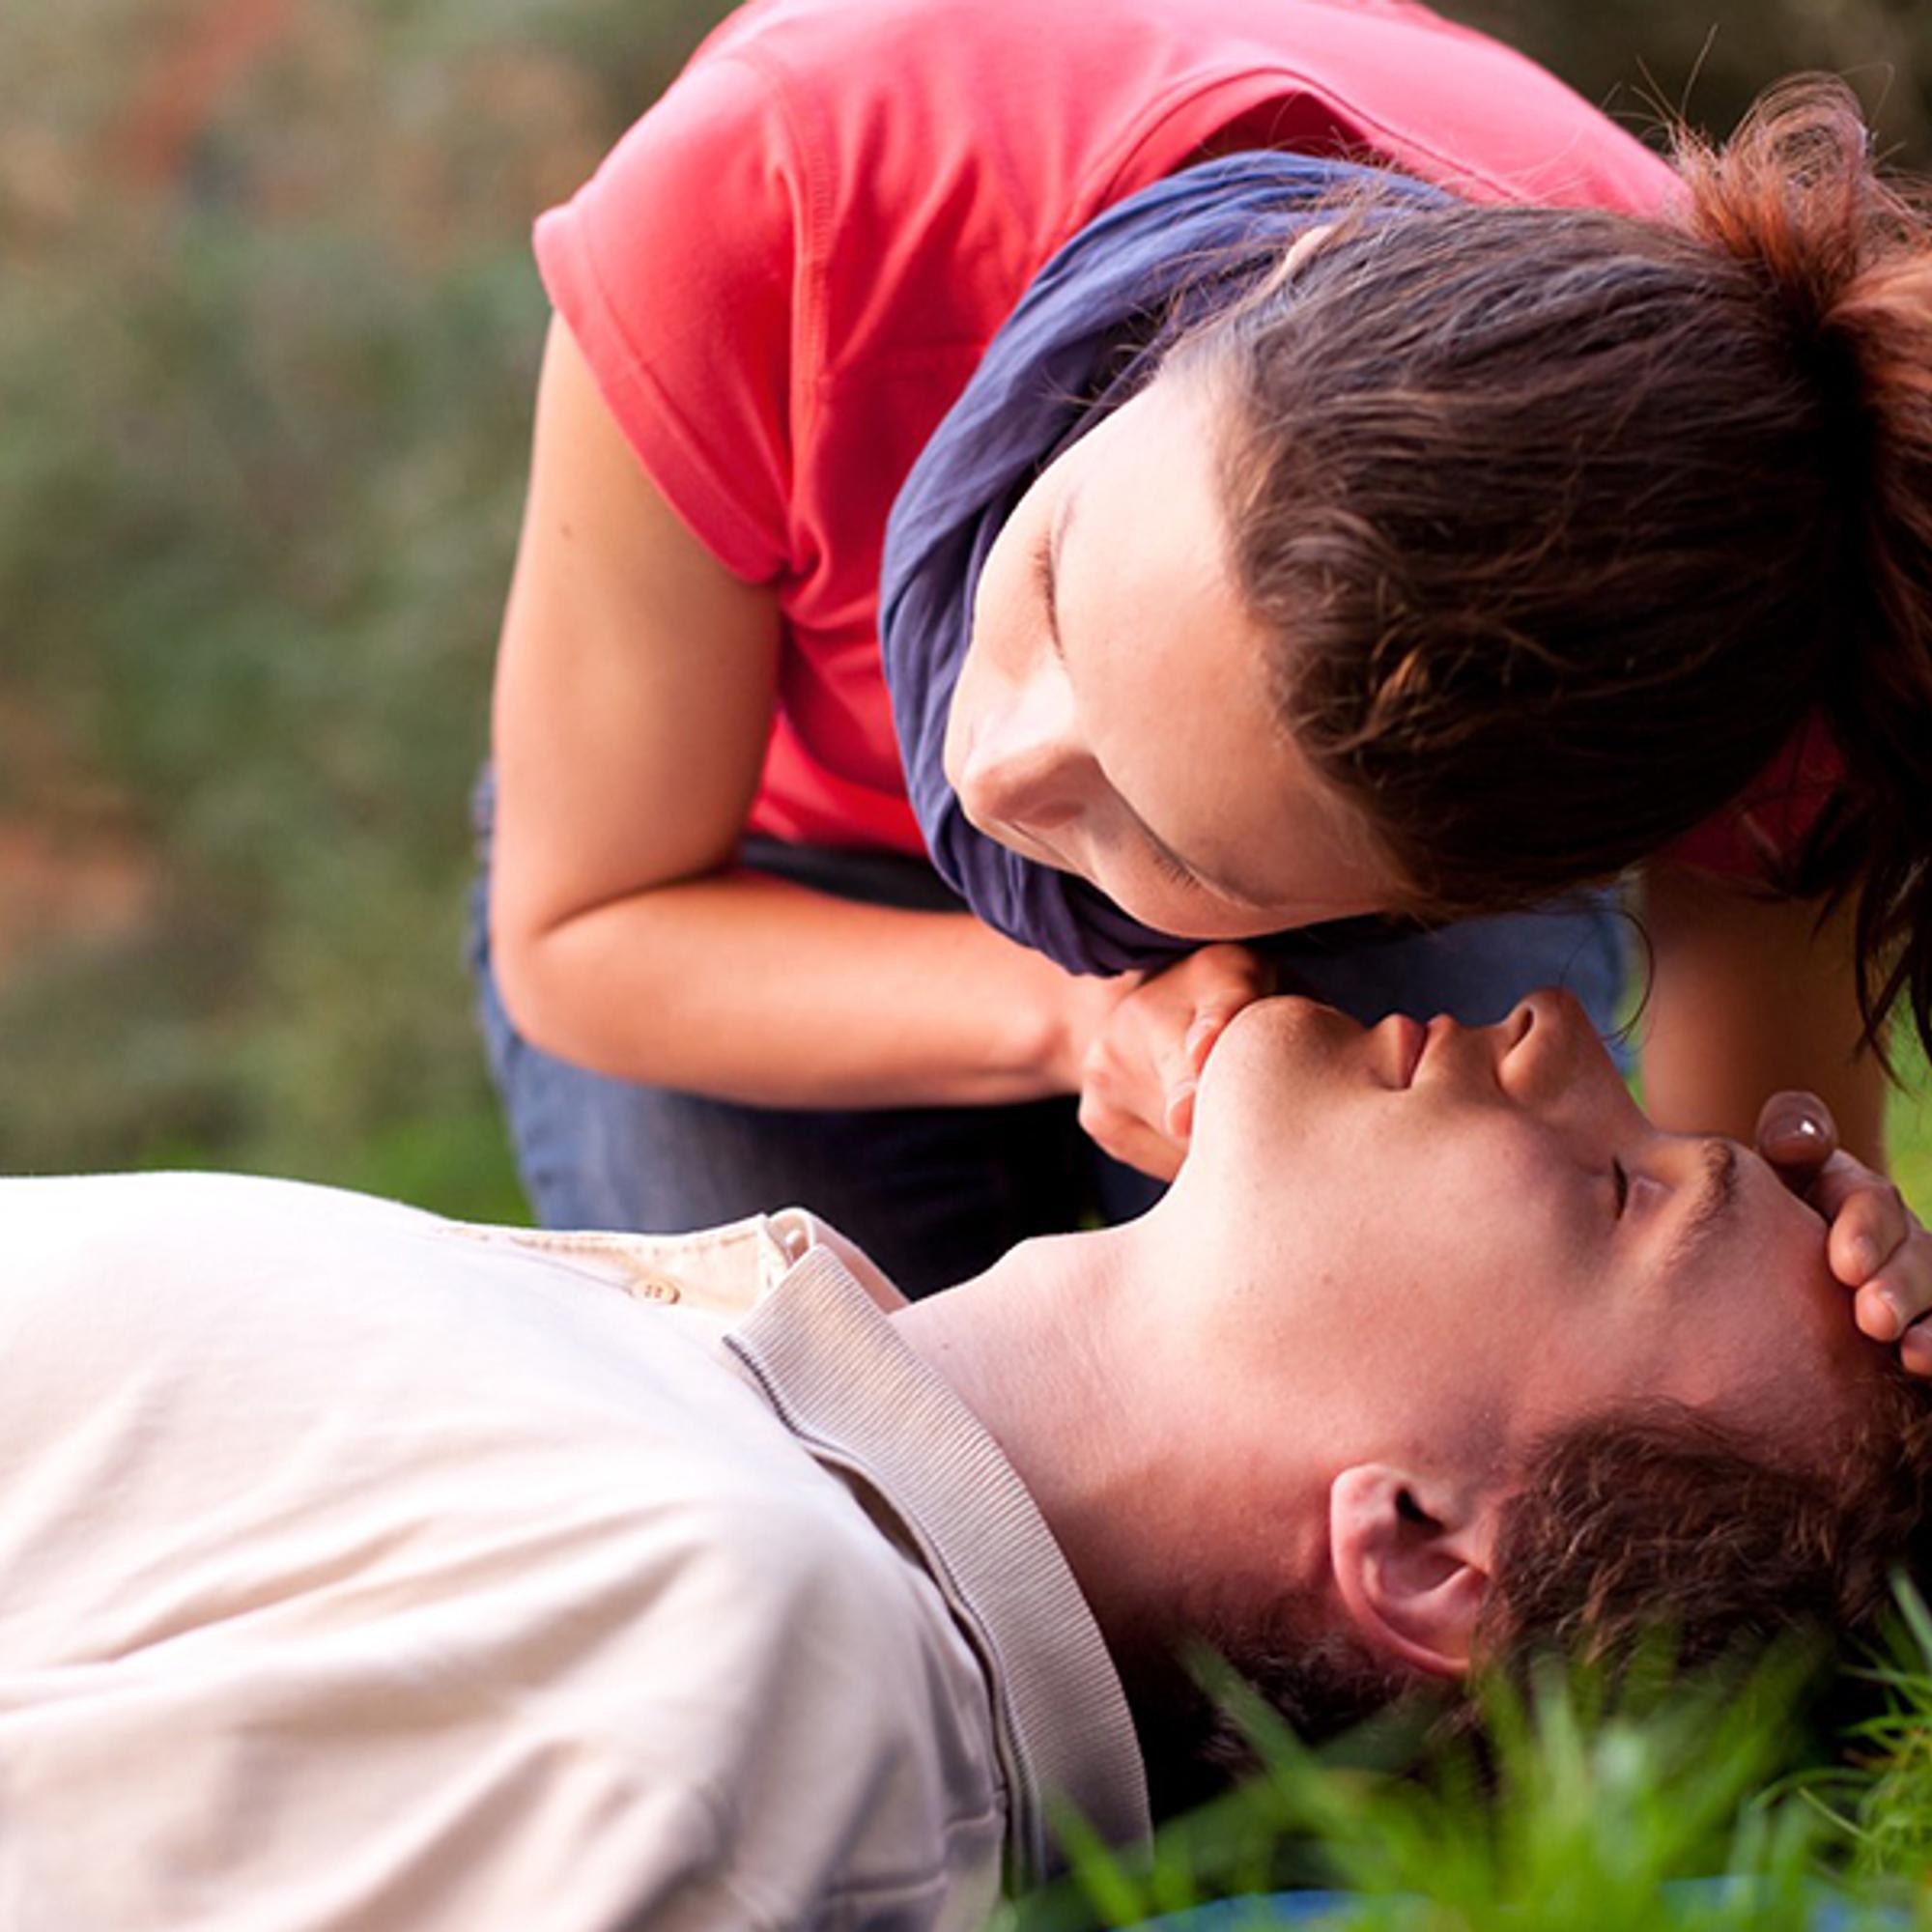 Onnellista kurikka loppua hierovan homo sukupuoli satuttaa parhaat dating.